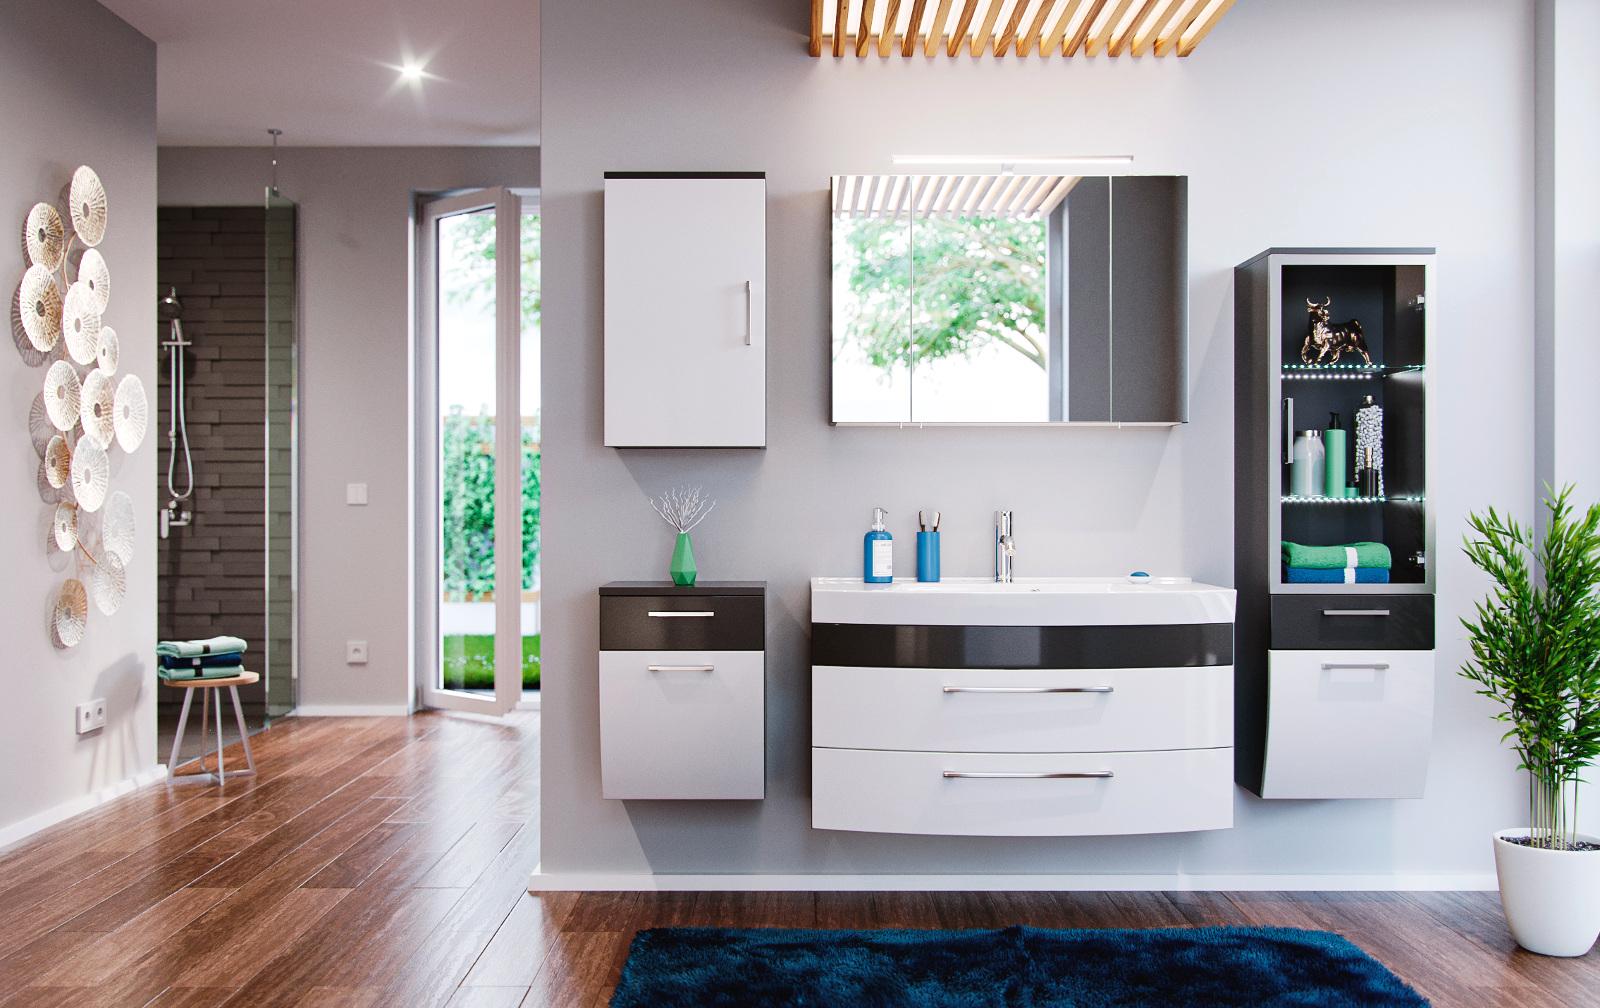 badm bel hochschrank in anthrazit wei hochglanz. Black Bedroom Furniture Sets. Home Design Ideas